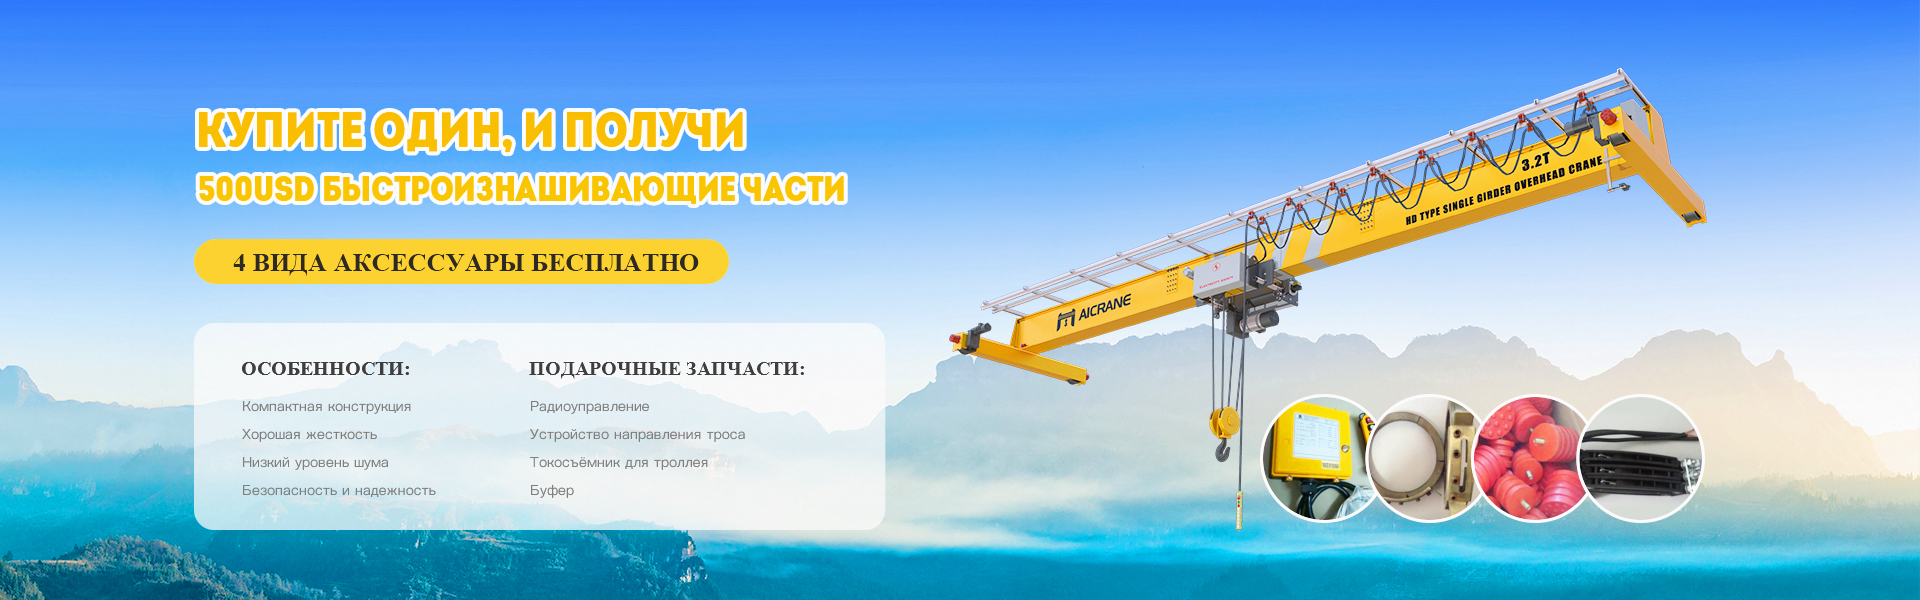 мостовой-кран 5-800 т